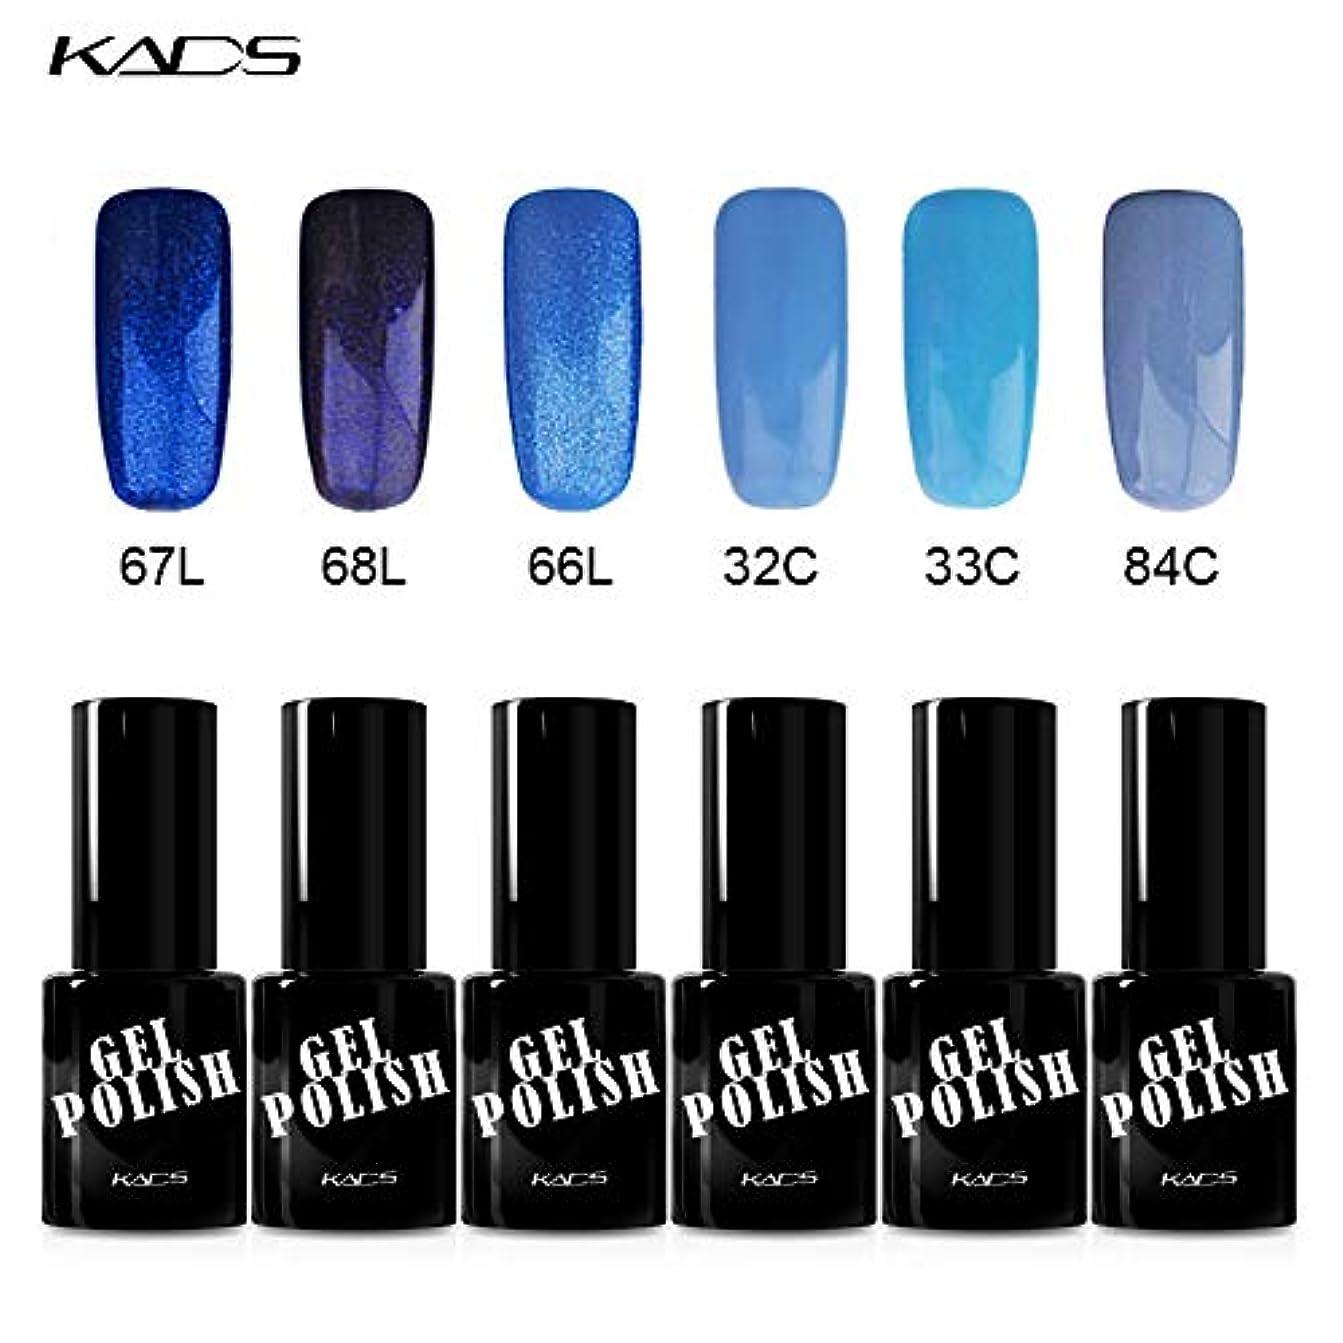 マトロン六おそらくKADS ジェルネイルカラーポリッシュ 6ボトルセット UV/LED対応 ブルー系 マニキュアセット (セット4)